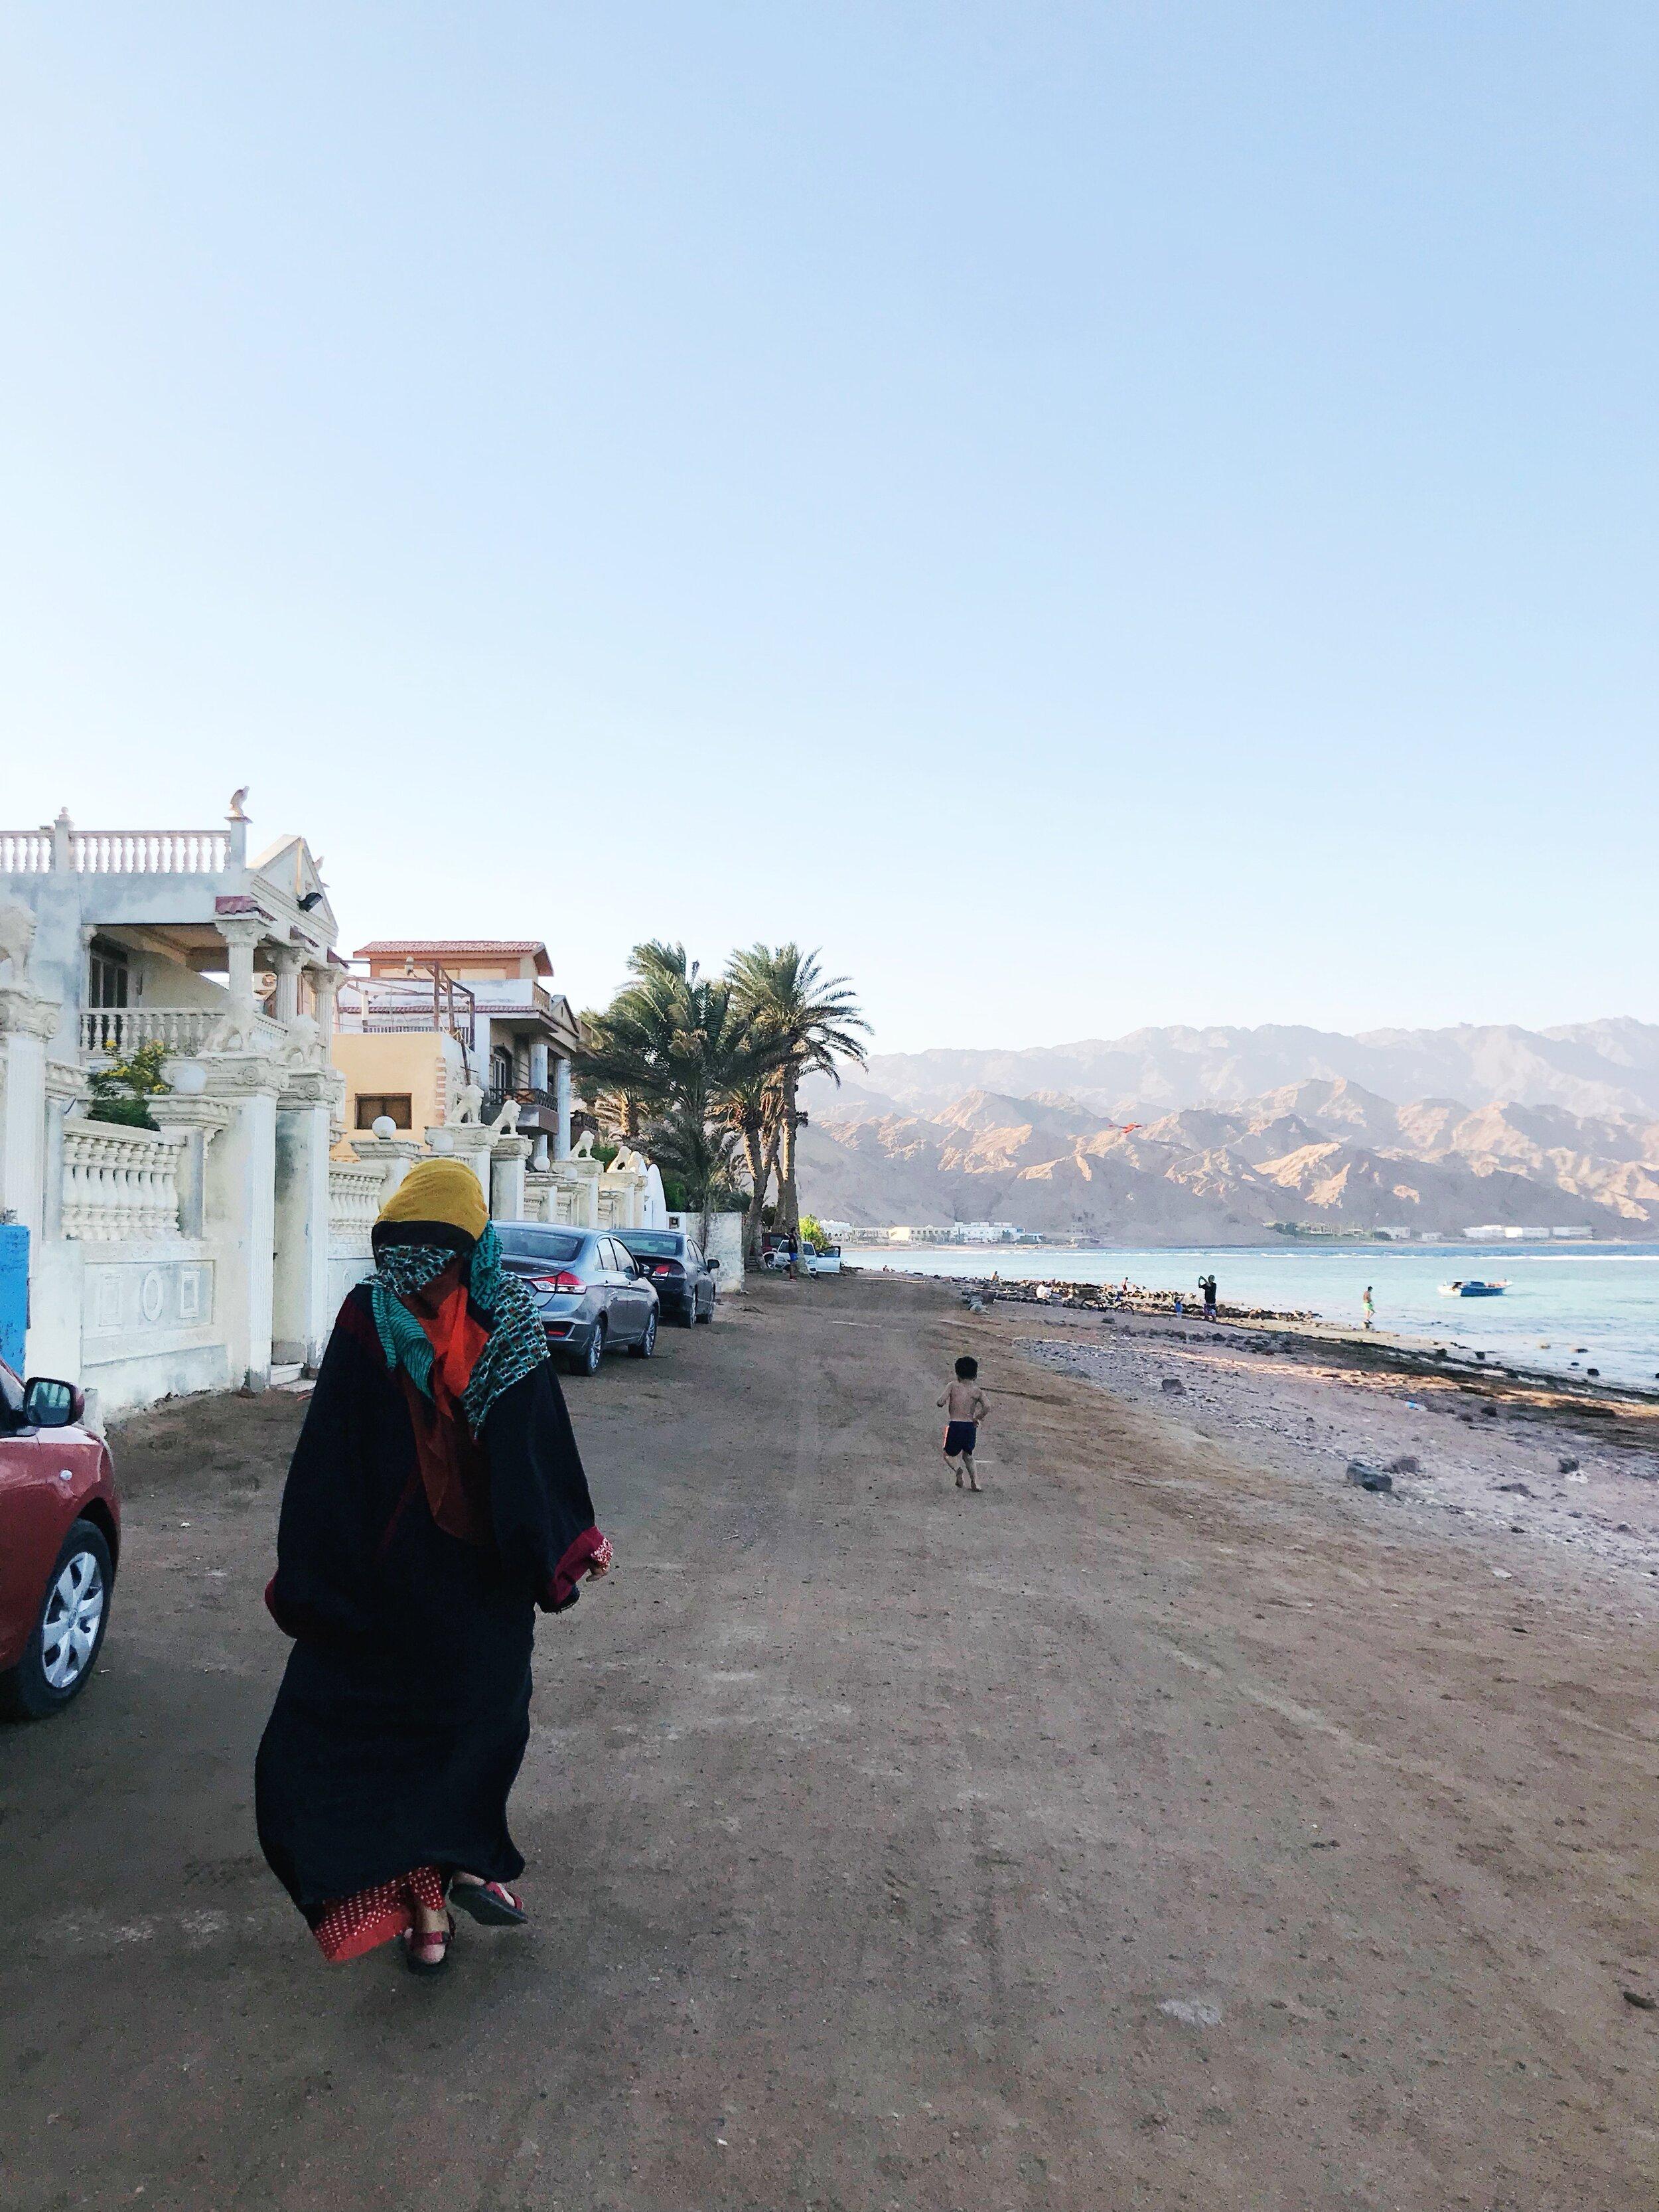 dahab-camp-egypt-family-travel-blogger-negra-bohemian